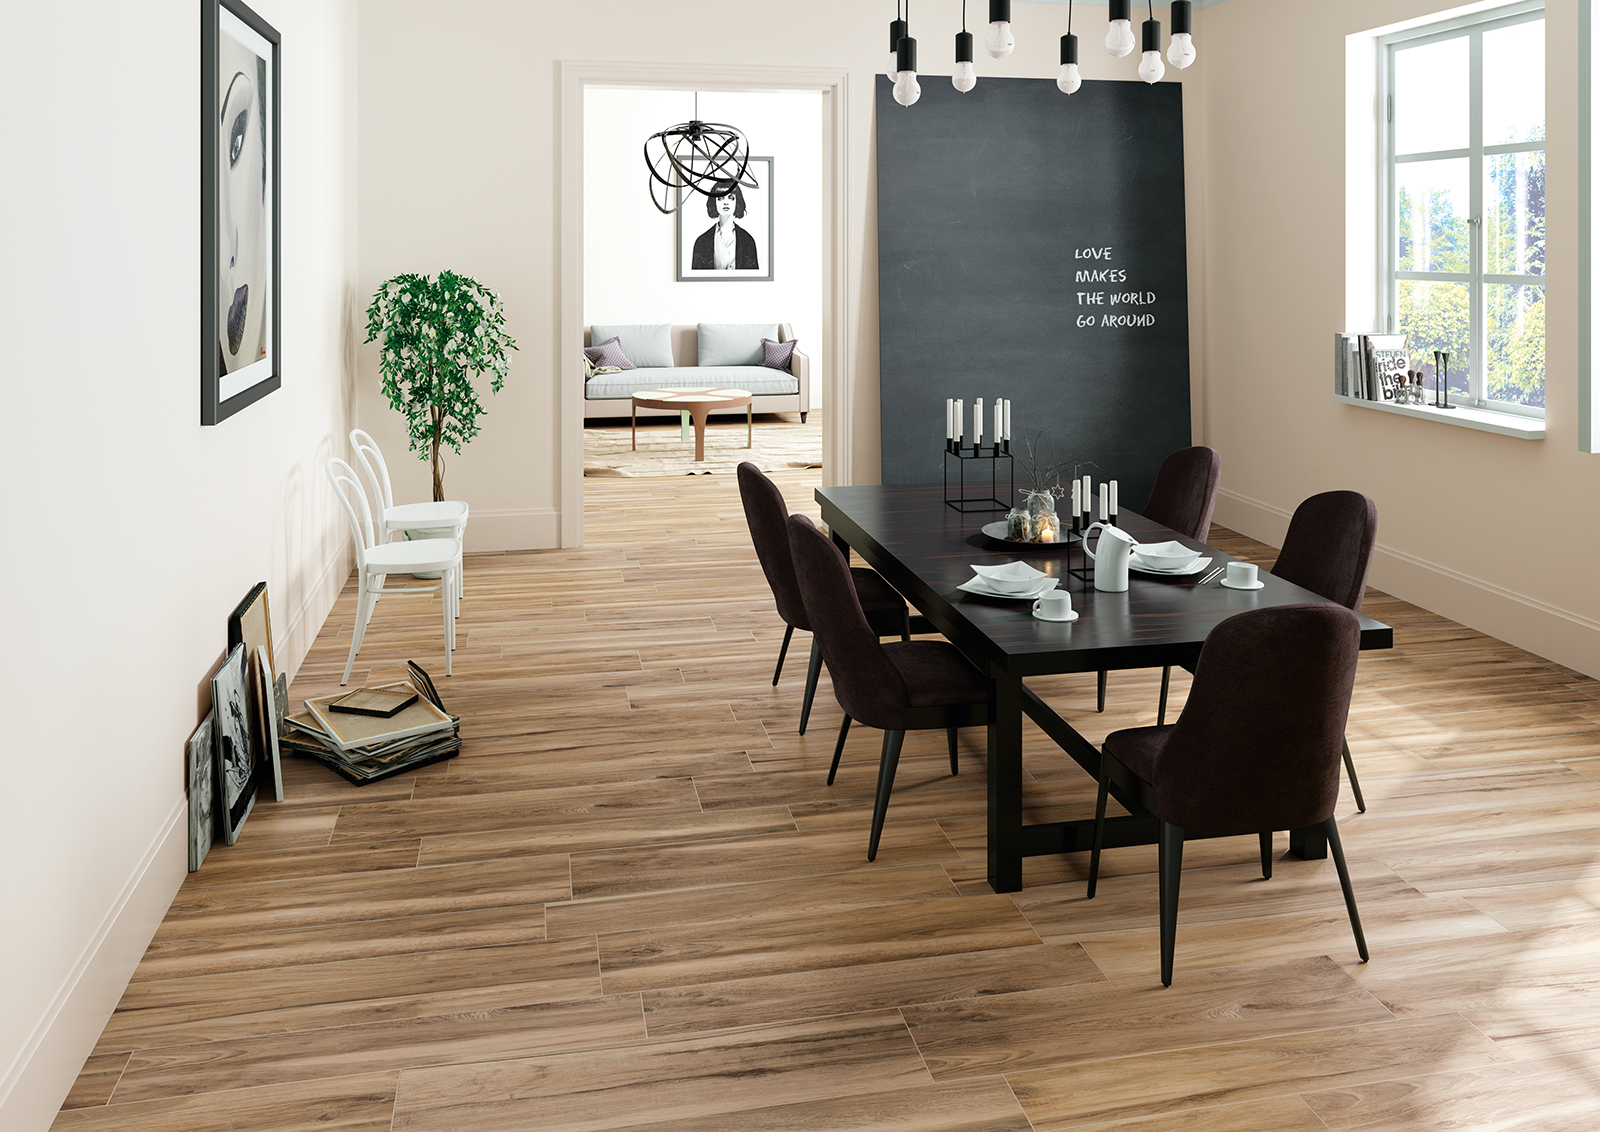 Piastrelle Effetto Legno Tortora : Serie reserve pavimenti e rivestimenti moda